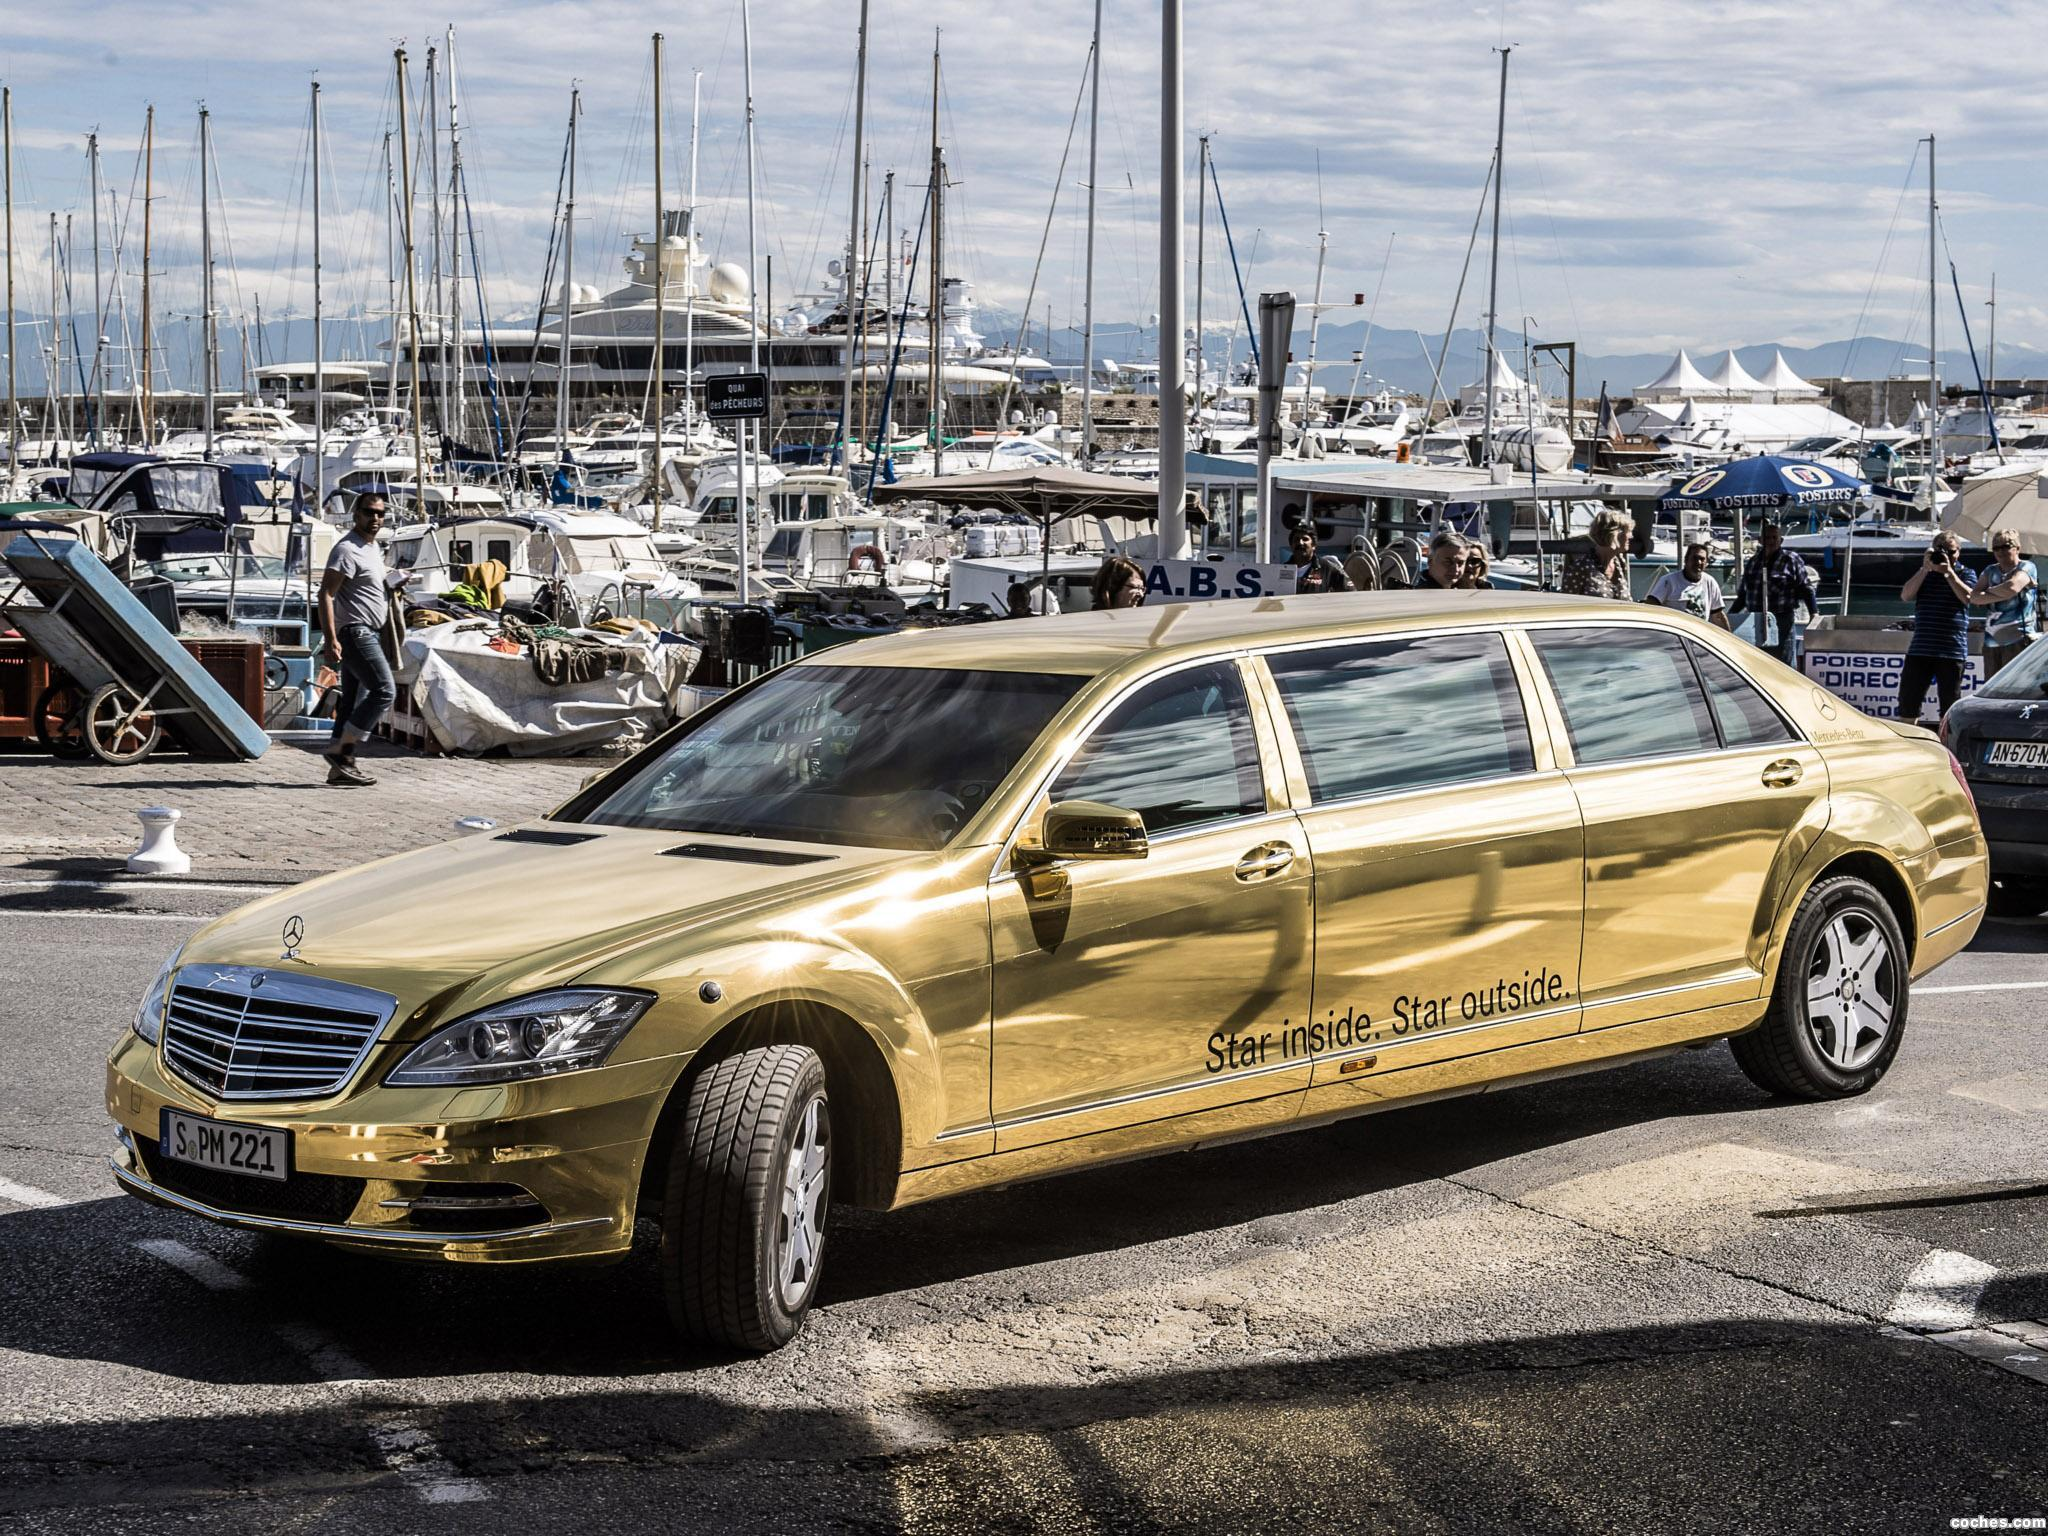 Foto 0 de Mercedes Clase S Pullman Festival de Cannes W221 2012